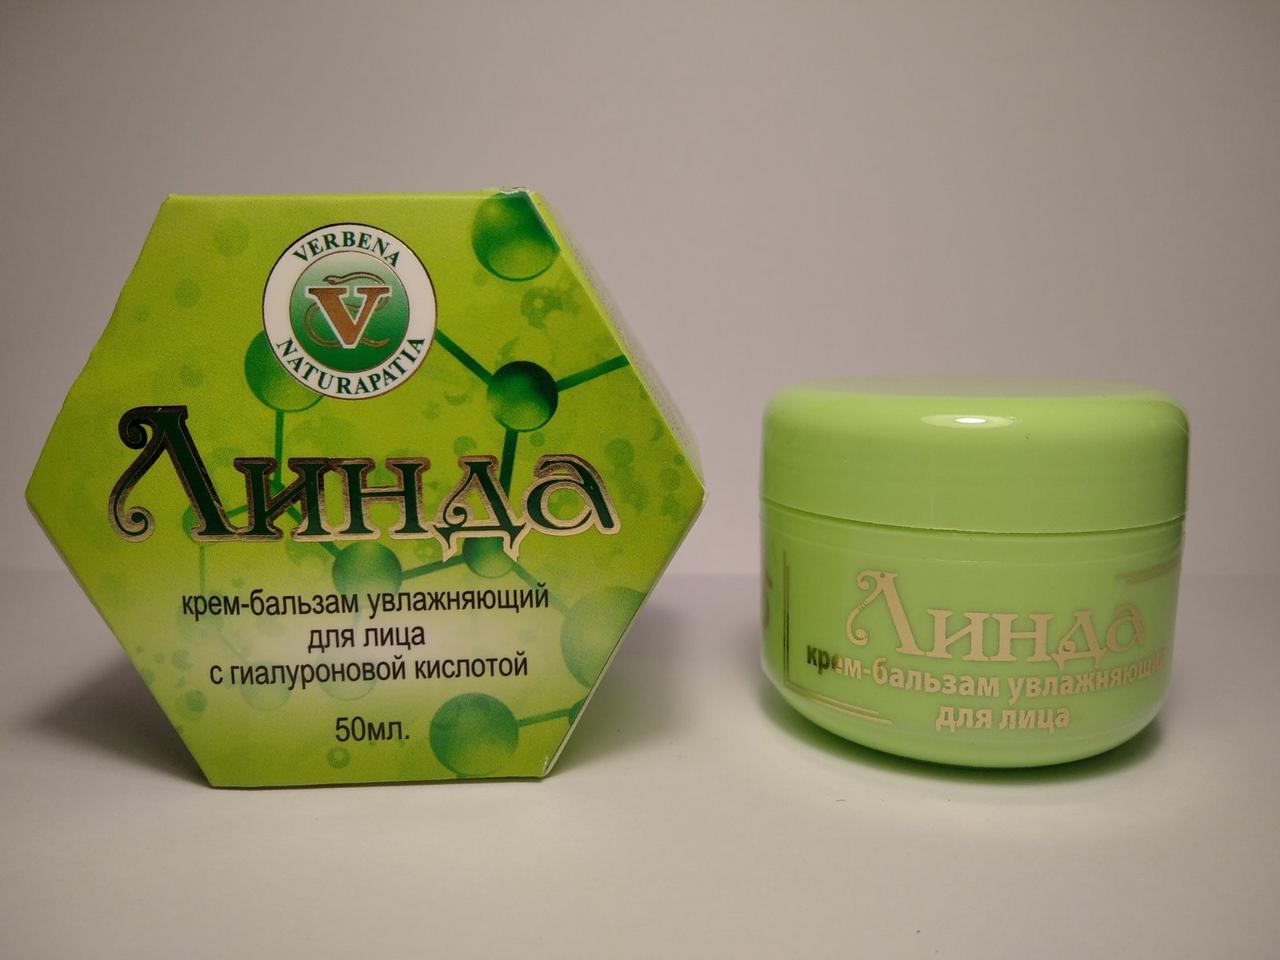 Увлажняющий дневной крем-бальзам с гиалуроновой кислотой для лица и легким отбеливающим эффектом Линда 50 мл